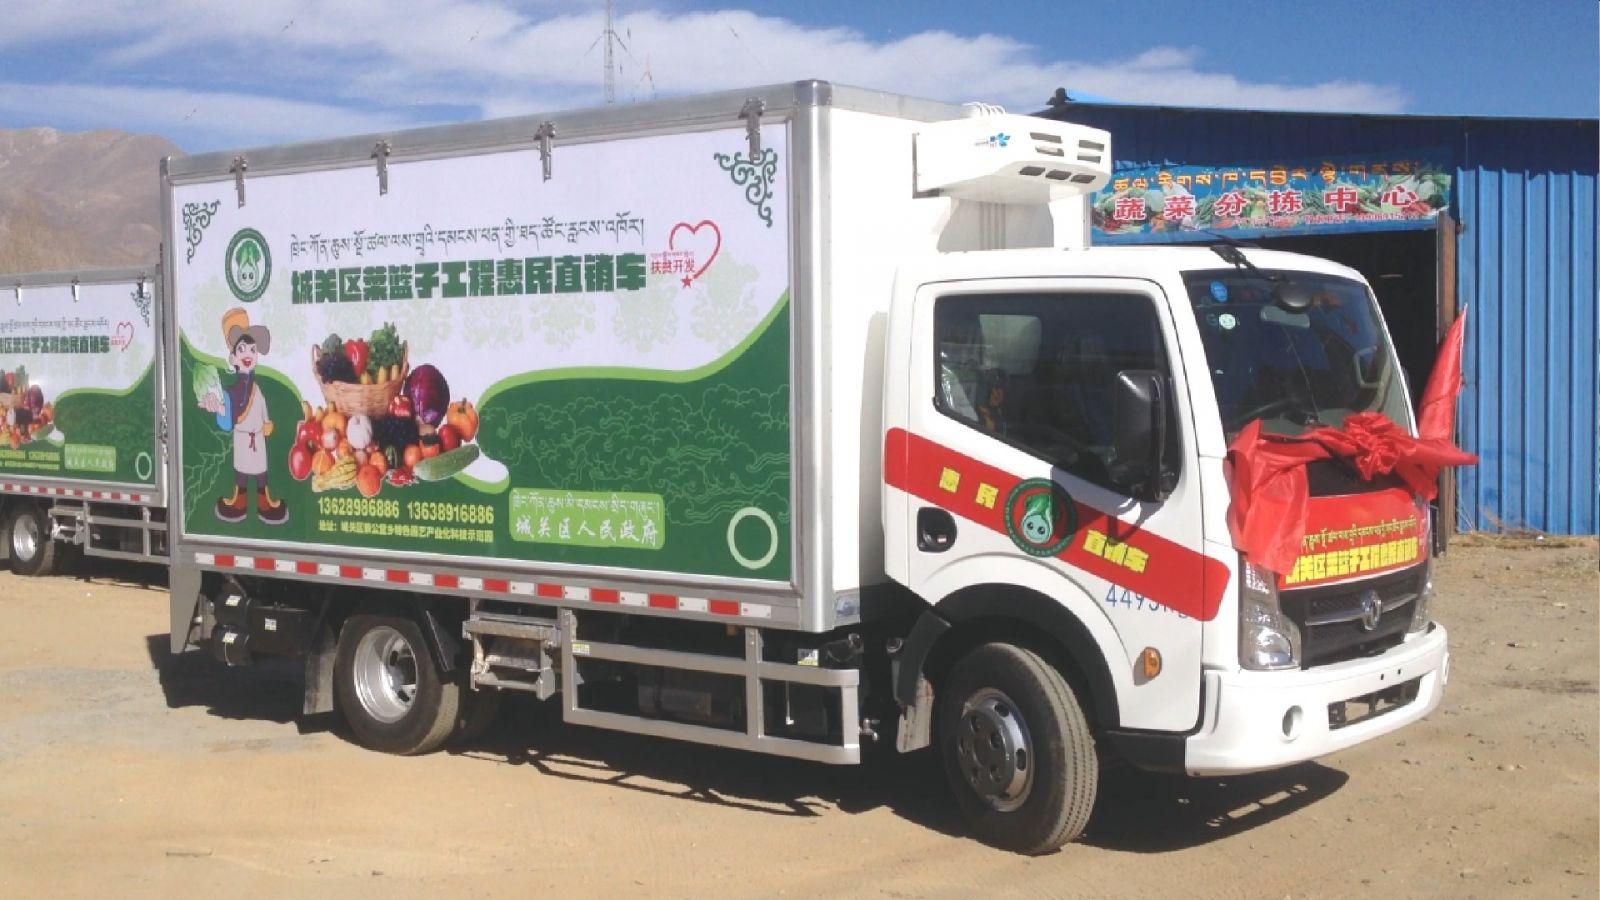 拉萨净土农业发展有限公司成立仪式